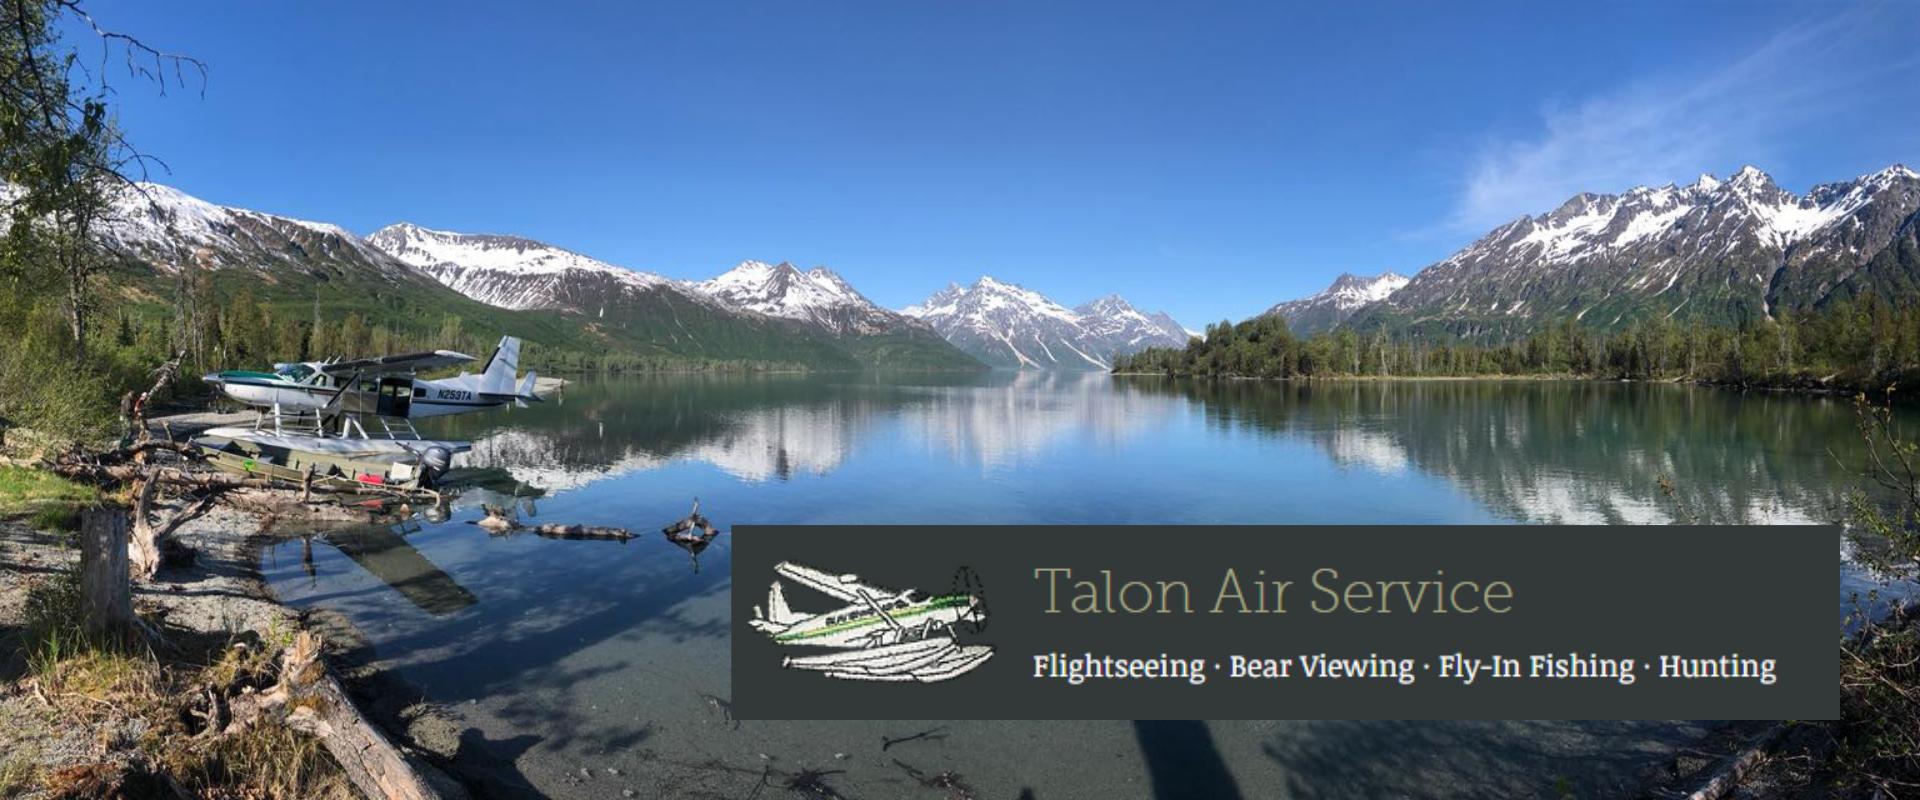 Talon Air Service